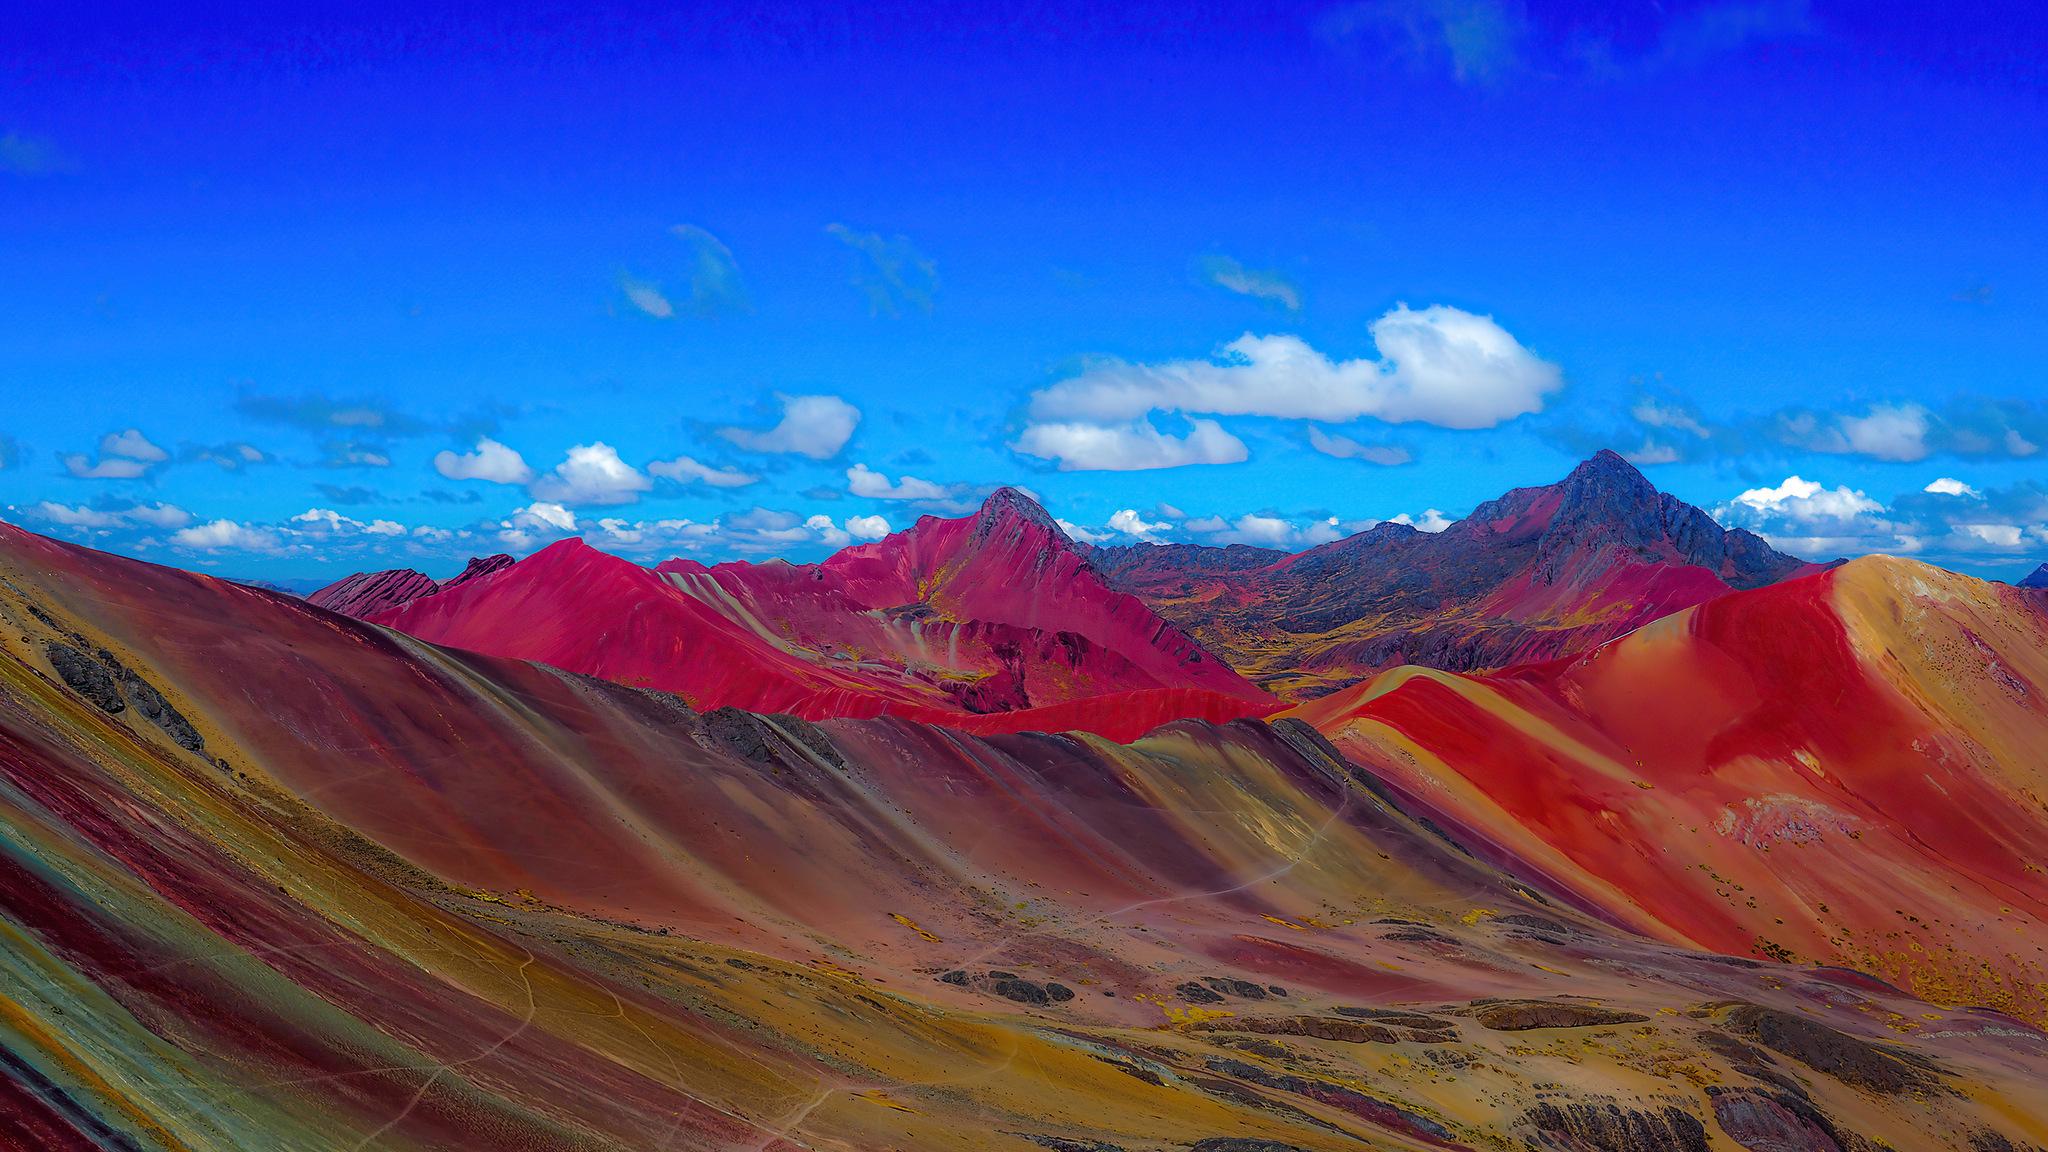 rainbow-mountains-in-peru-4k-jc.jpg